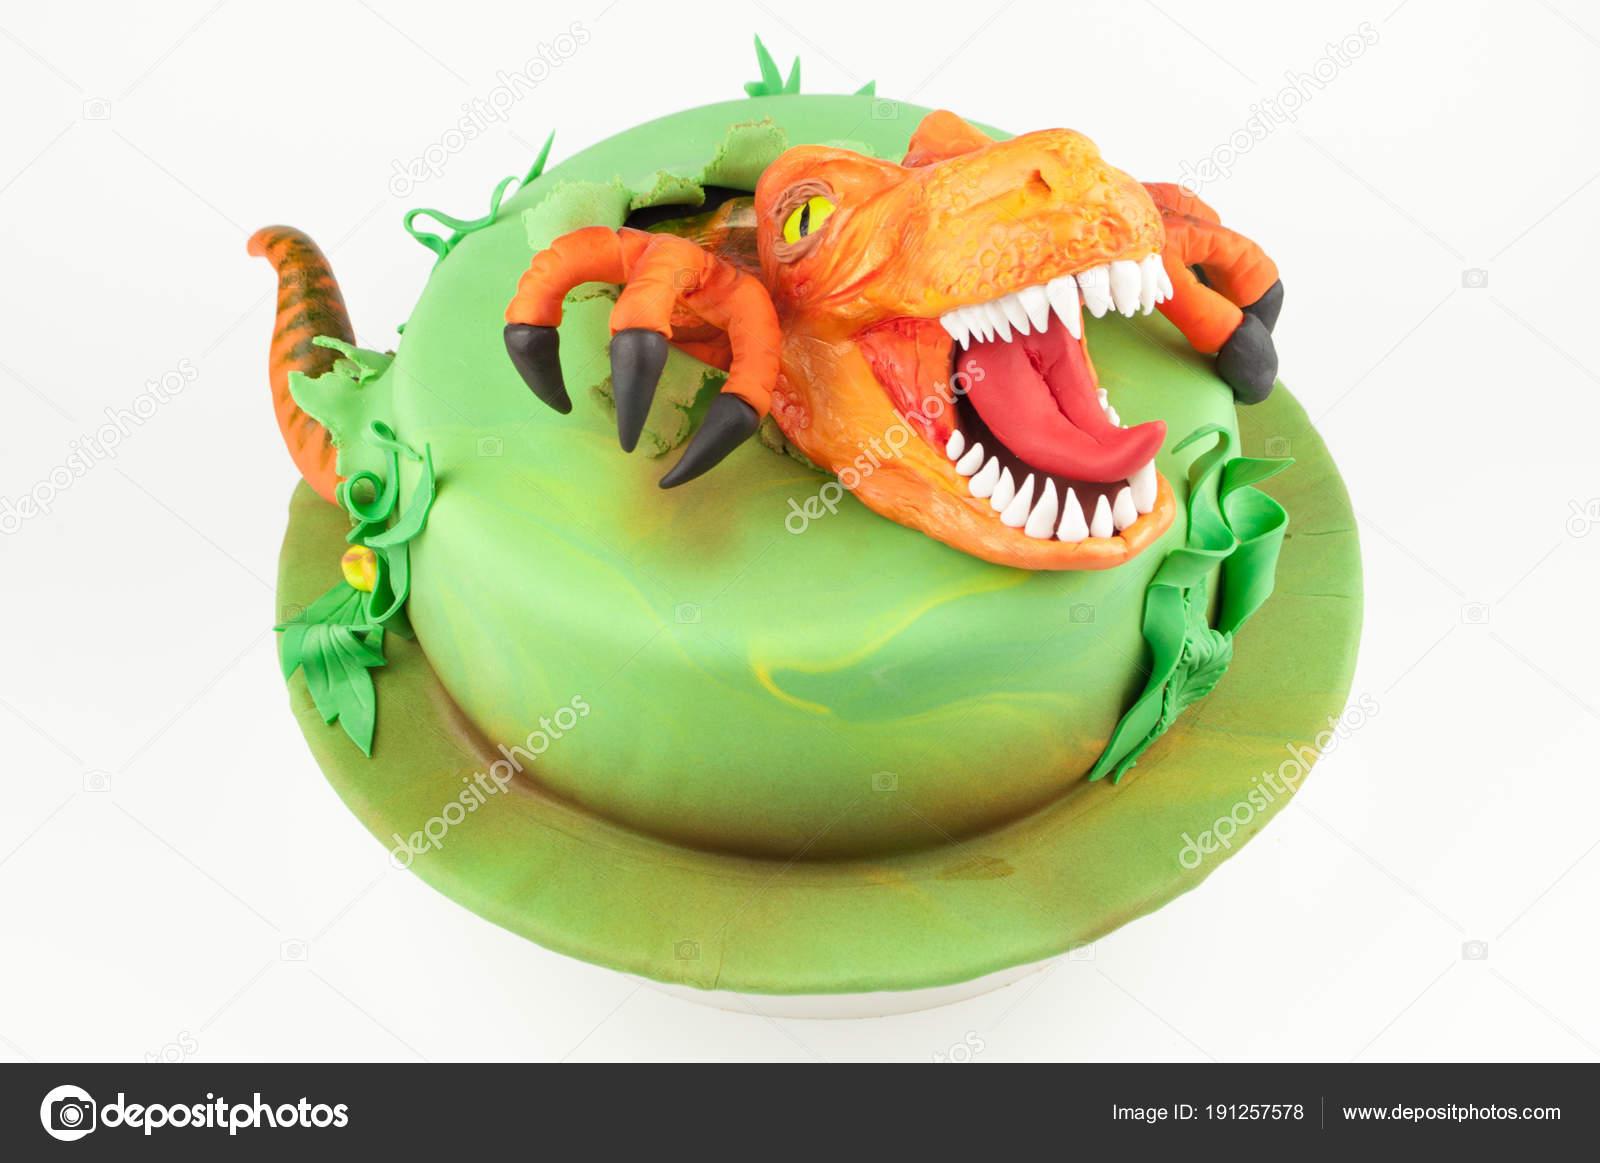 Pastel Arte Con Dinosaurio Naranja Decorado Con Hojas Color Verde ...